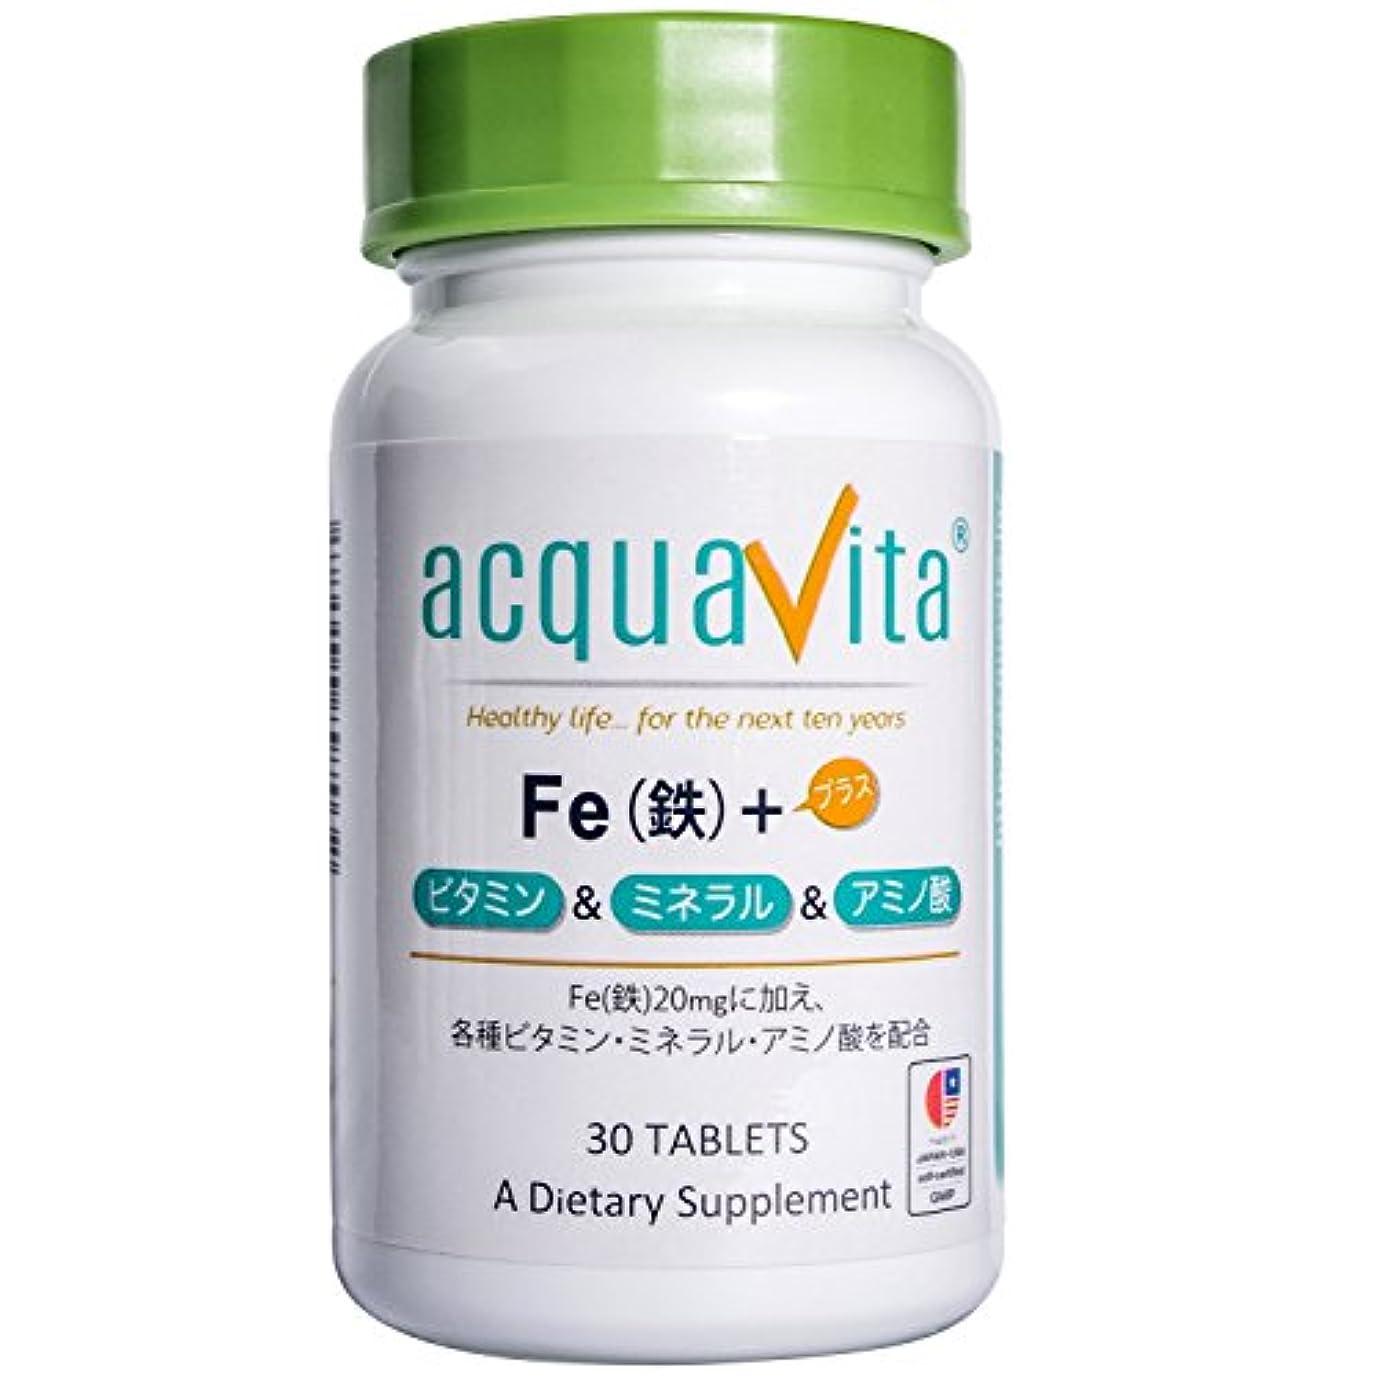 笑い異常な好戦的なacquavita(アクアヴィータ) Fe(鉄)+ビタミン?ミネラル?アミノ酸 30粒